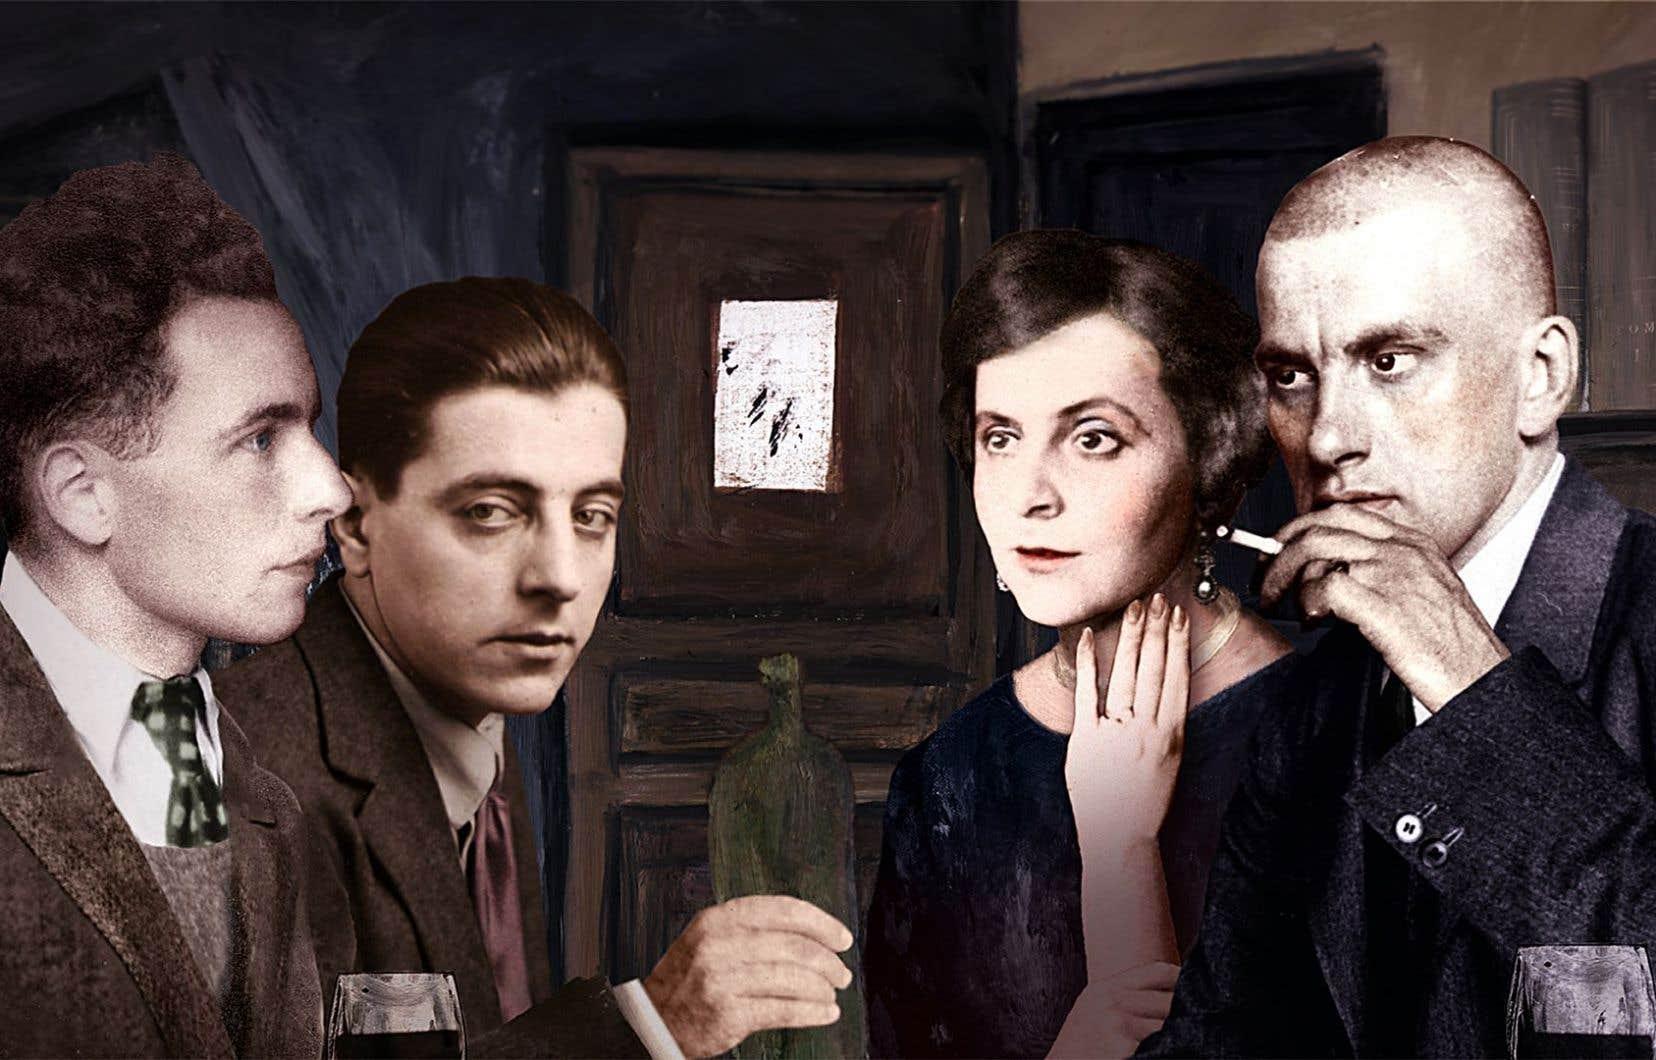 Dans «Les aventuriers de l'art moderne», on présente les protagonistes dans un mélange d'images d'archives, de photos colorisées et d'illustrations originales.